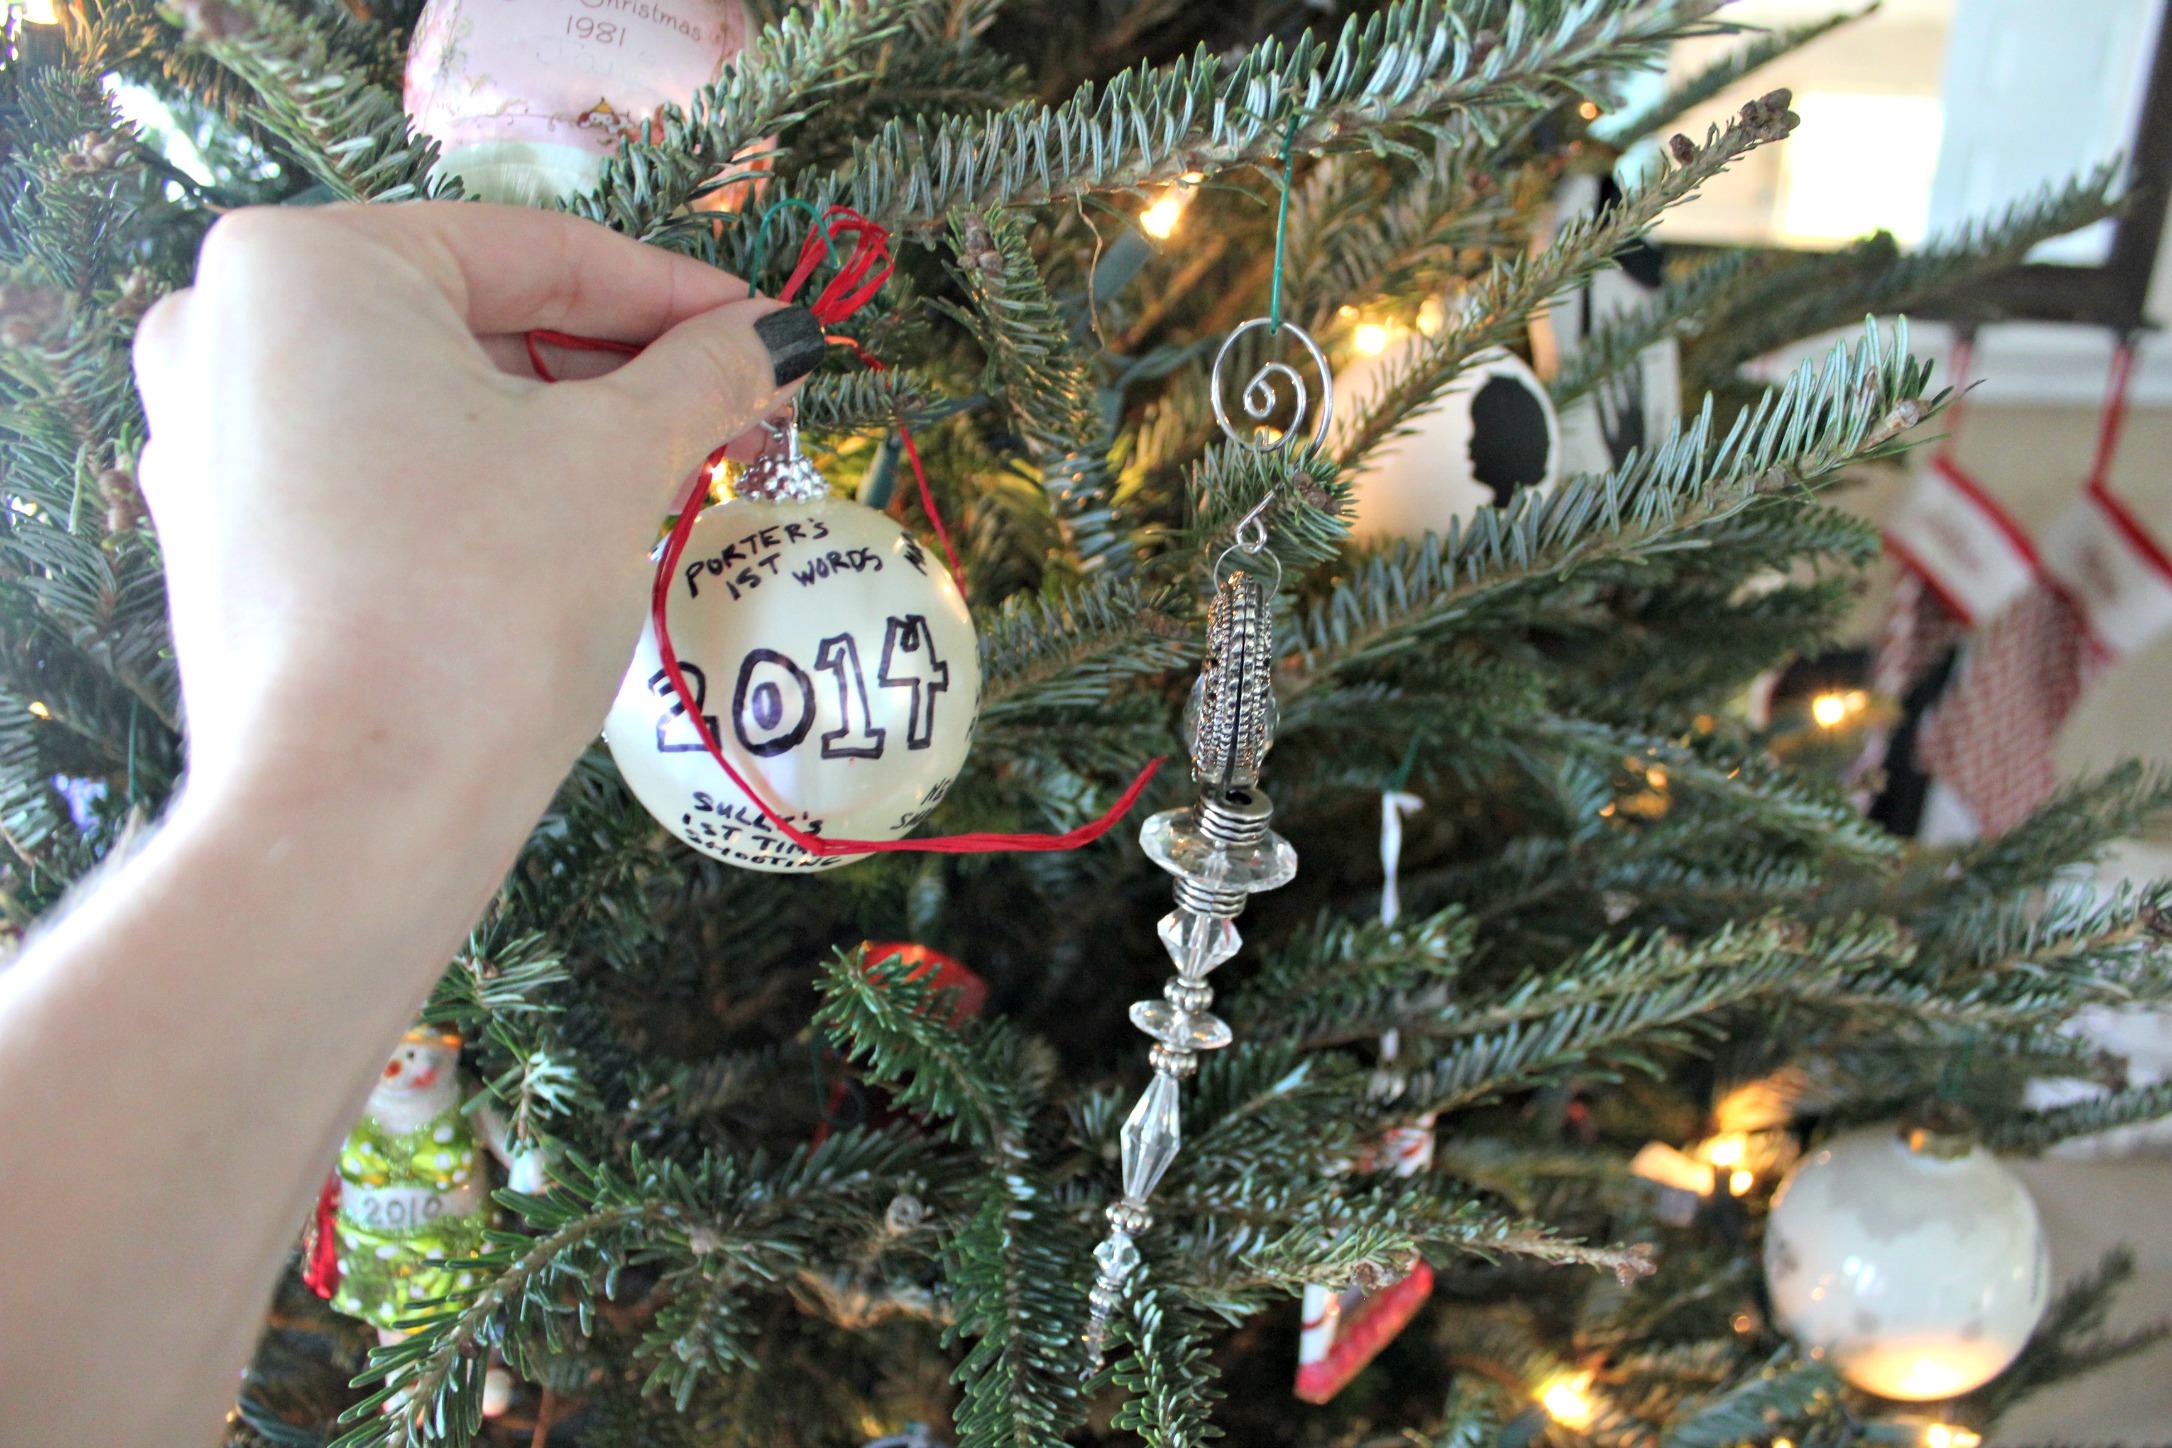 DIY Memory Ball Christmas Ornament SheJustGlows.com